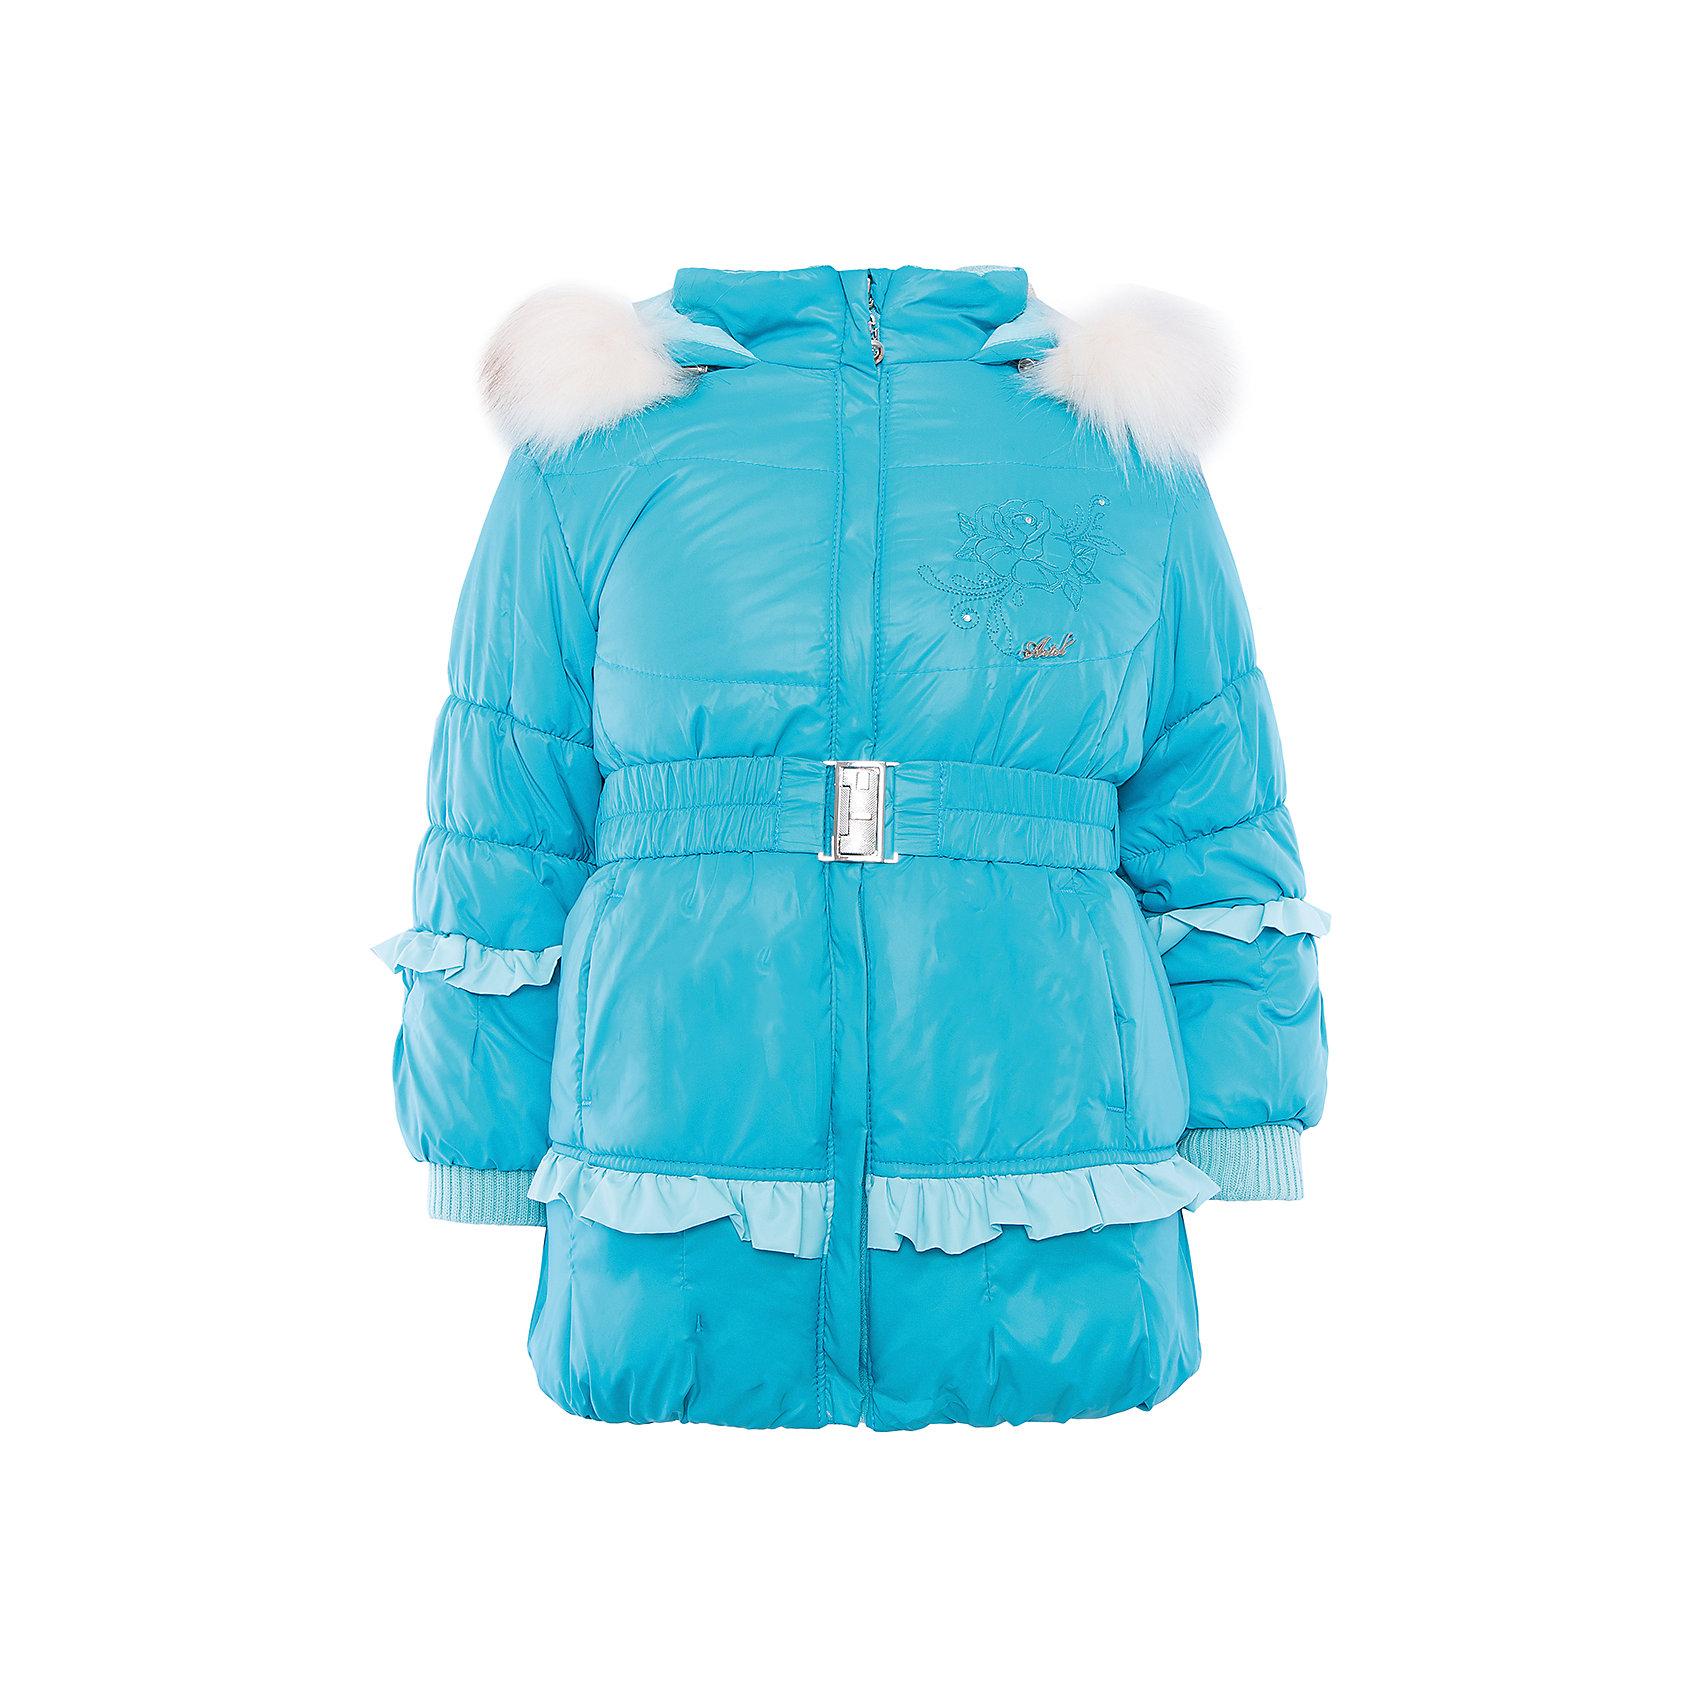 Куртка на овчине для девочки АртельКуртка для девочки от известного бренда Артель<br>Теплая куртка на девочку с меховой подстежкой. На втачном капюшоне съемный искусственный песец. По низу рукава - трикотажные манжеты, надежно защищающие от холода. По линии талии пояс на резинке с декоративной пряжкой.По нижней части изделия и рукавам - декоративная рюшка.<br>Состав:<br>Верх: 819 YSD<br>Подкладка: инетерлок<br>Подстежка: овчина<br>Опушка: песец искусственный(отстегивается)<br>Утеплитель: термофайбер 200гр<br><br>Ширина мм: 356<br>Глубина мм: 10<br>Высота мм: 245<br>Вес г: 519<br>Цвет: голубой<br>Возраст от месяцев: 24<br>Возраст до месяцев: 36<br>Пол: Женский<br>Возраст: Детский<br>Размер: 98,122,116,110,104<br>SKU: 4963584